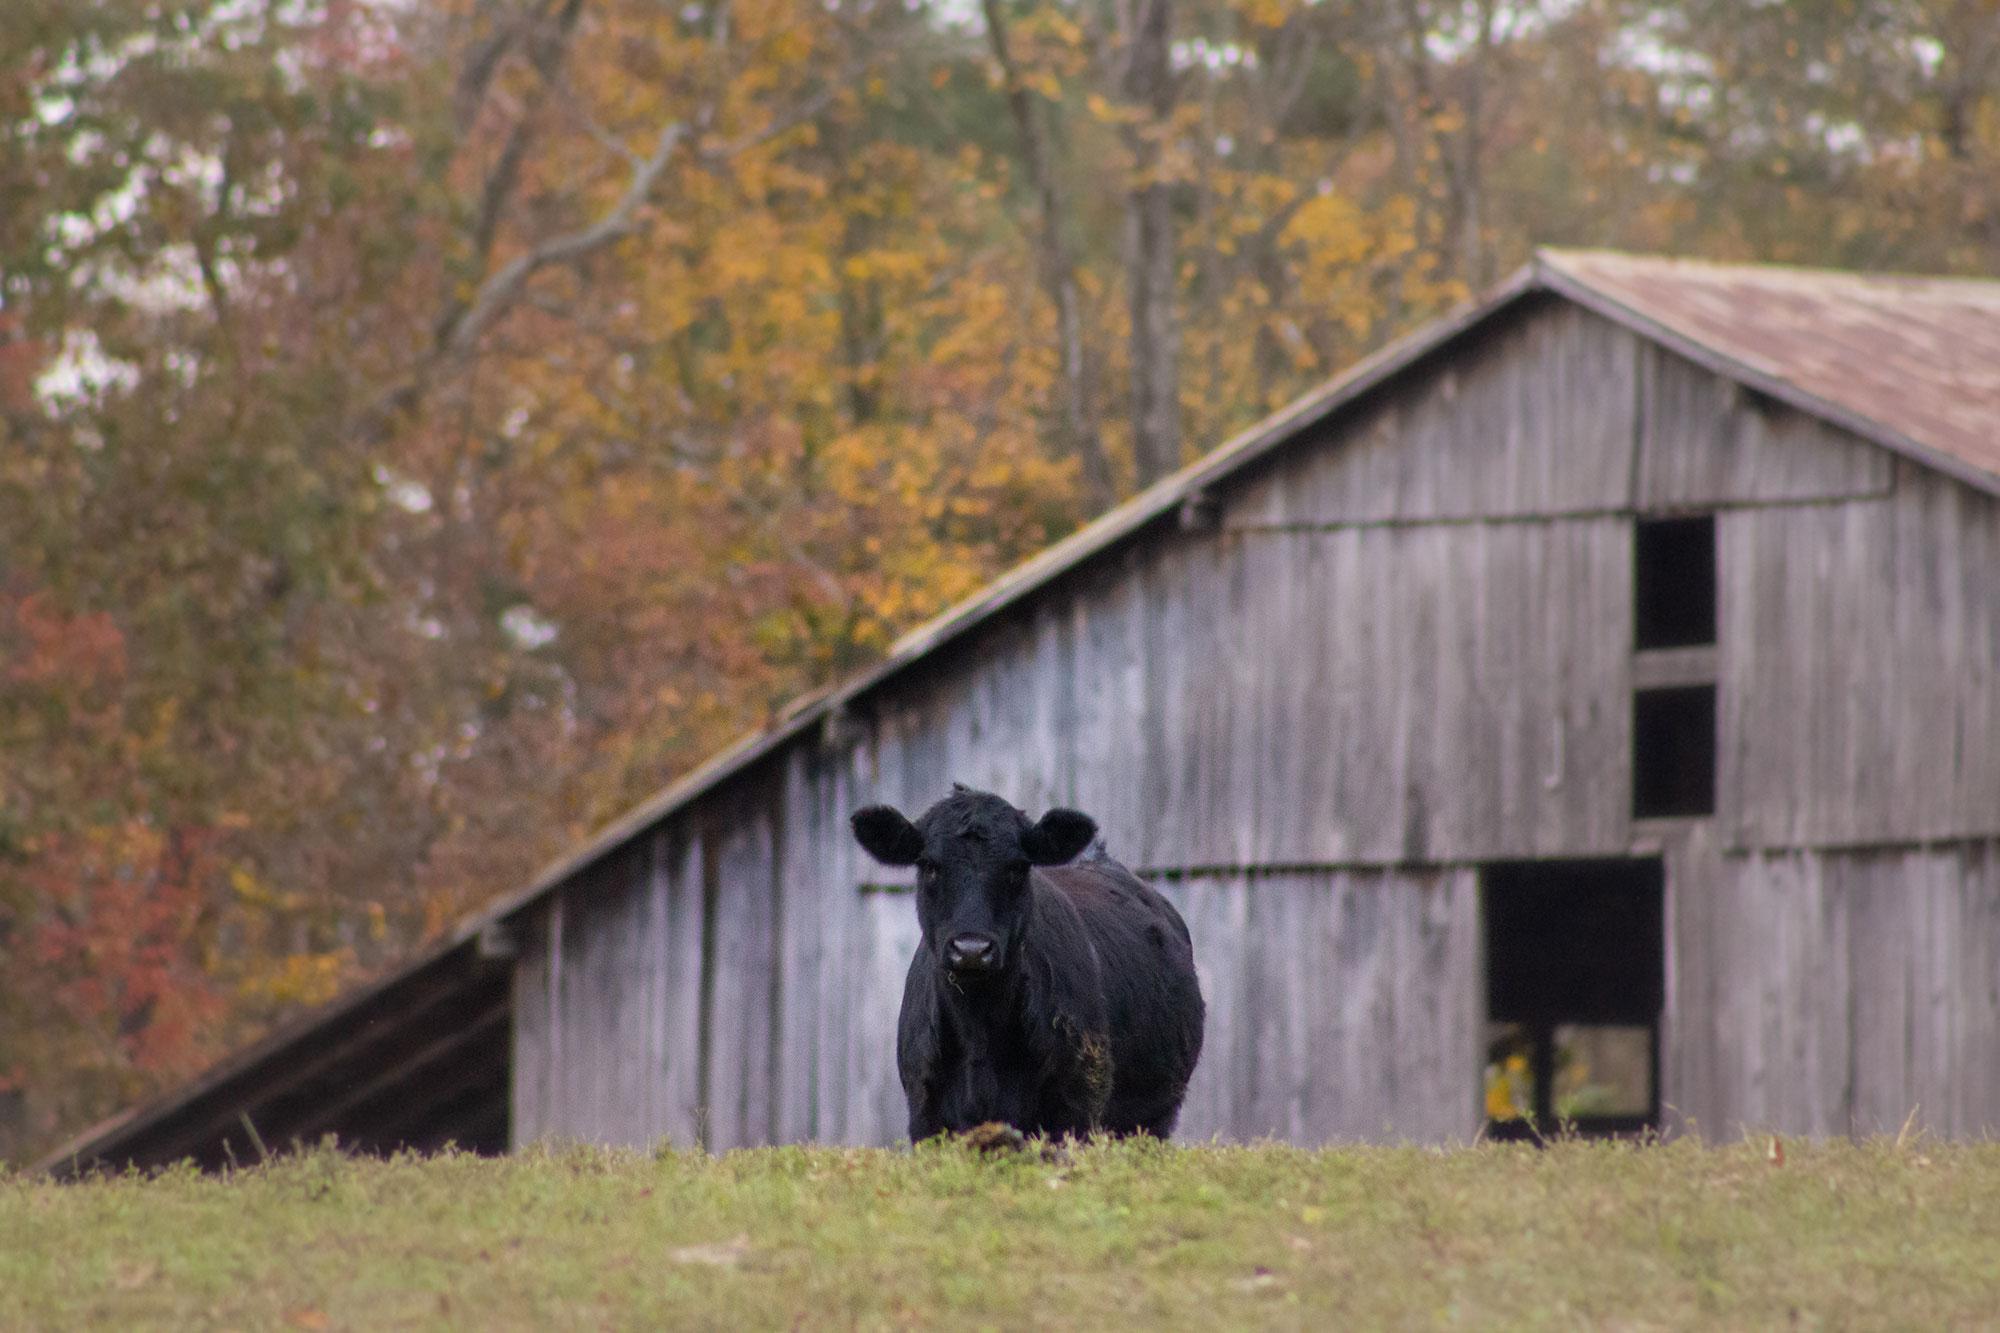 Neighborhood Cow & Barn